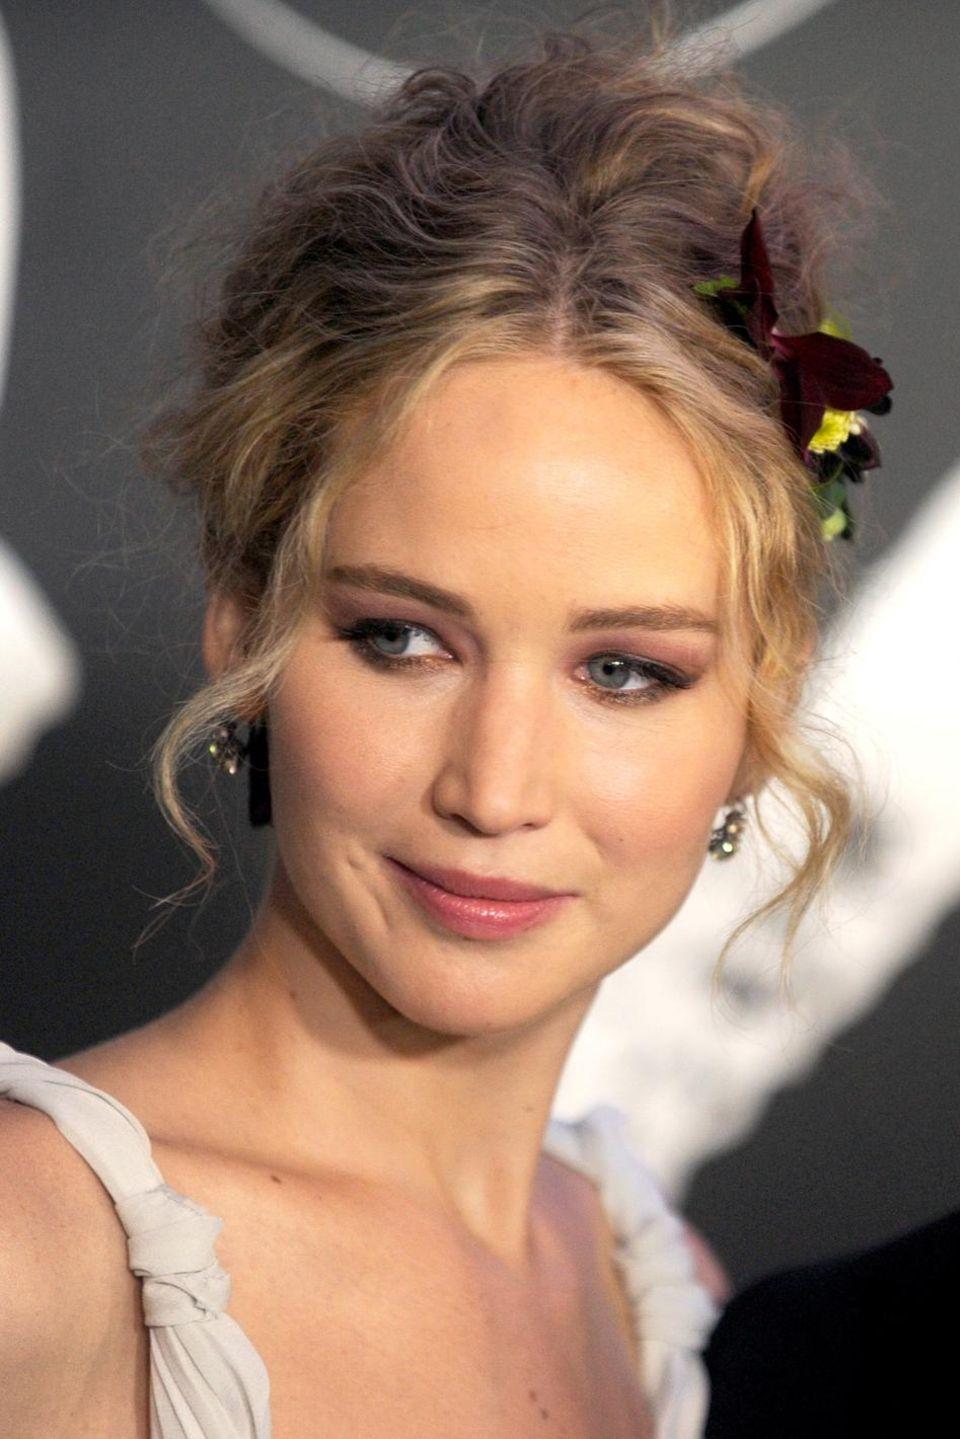 Jennifer Lawrence, Darran Aronofsky